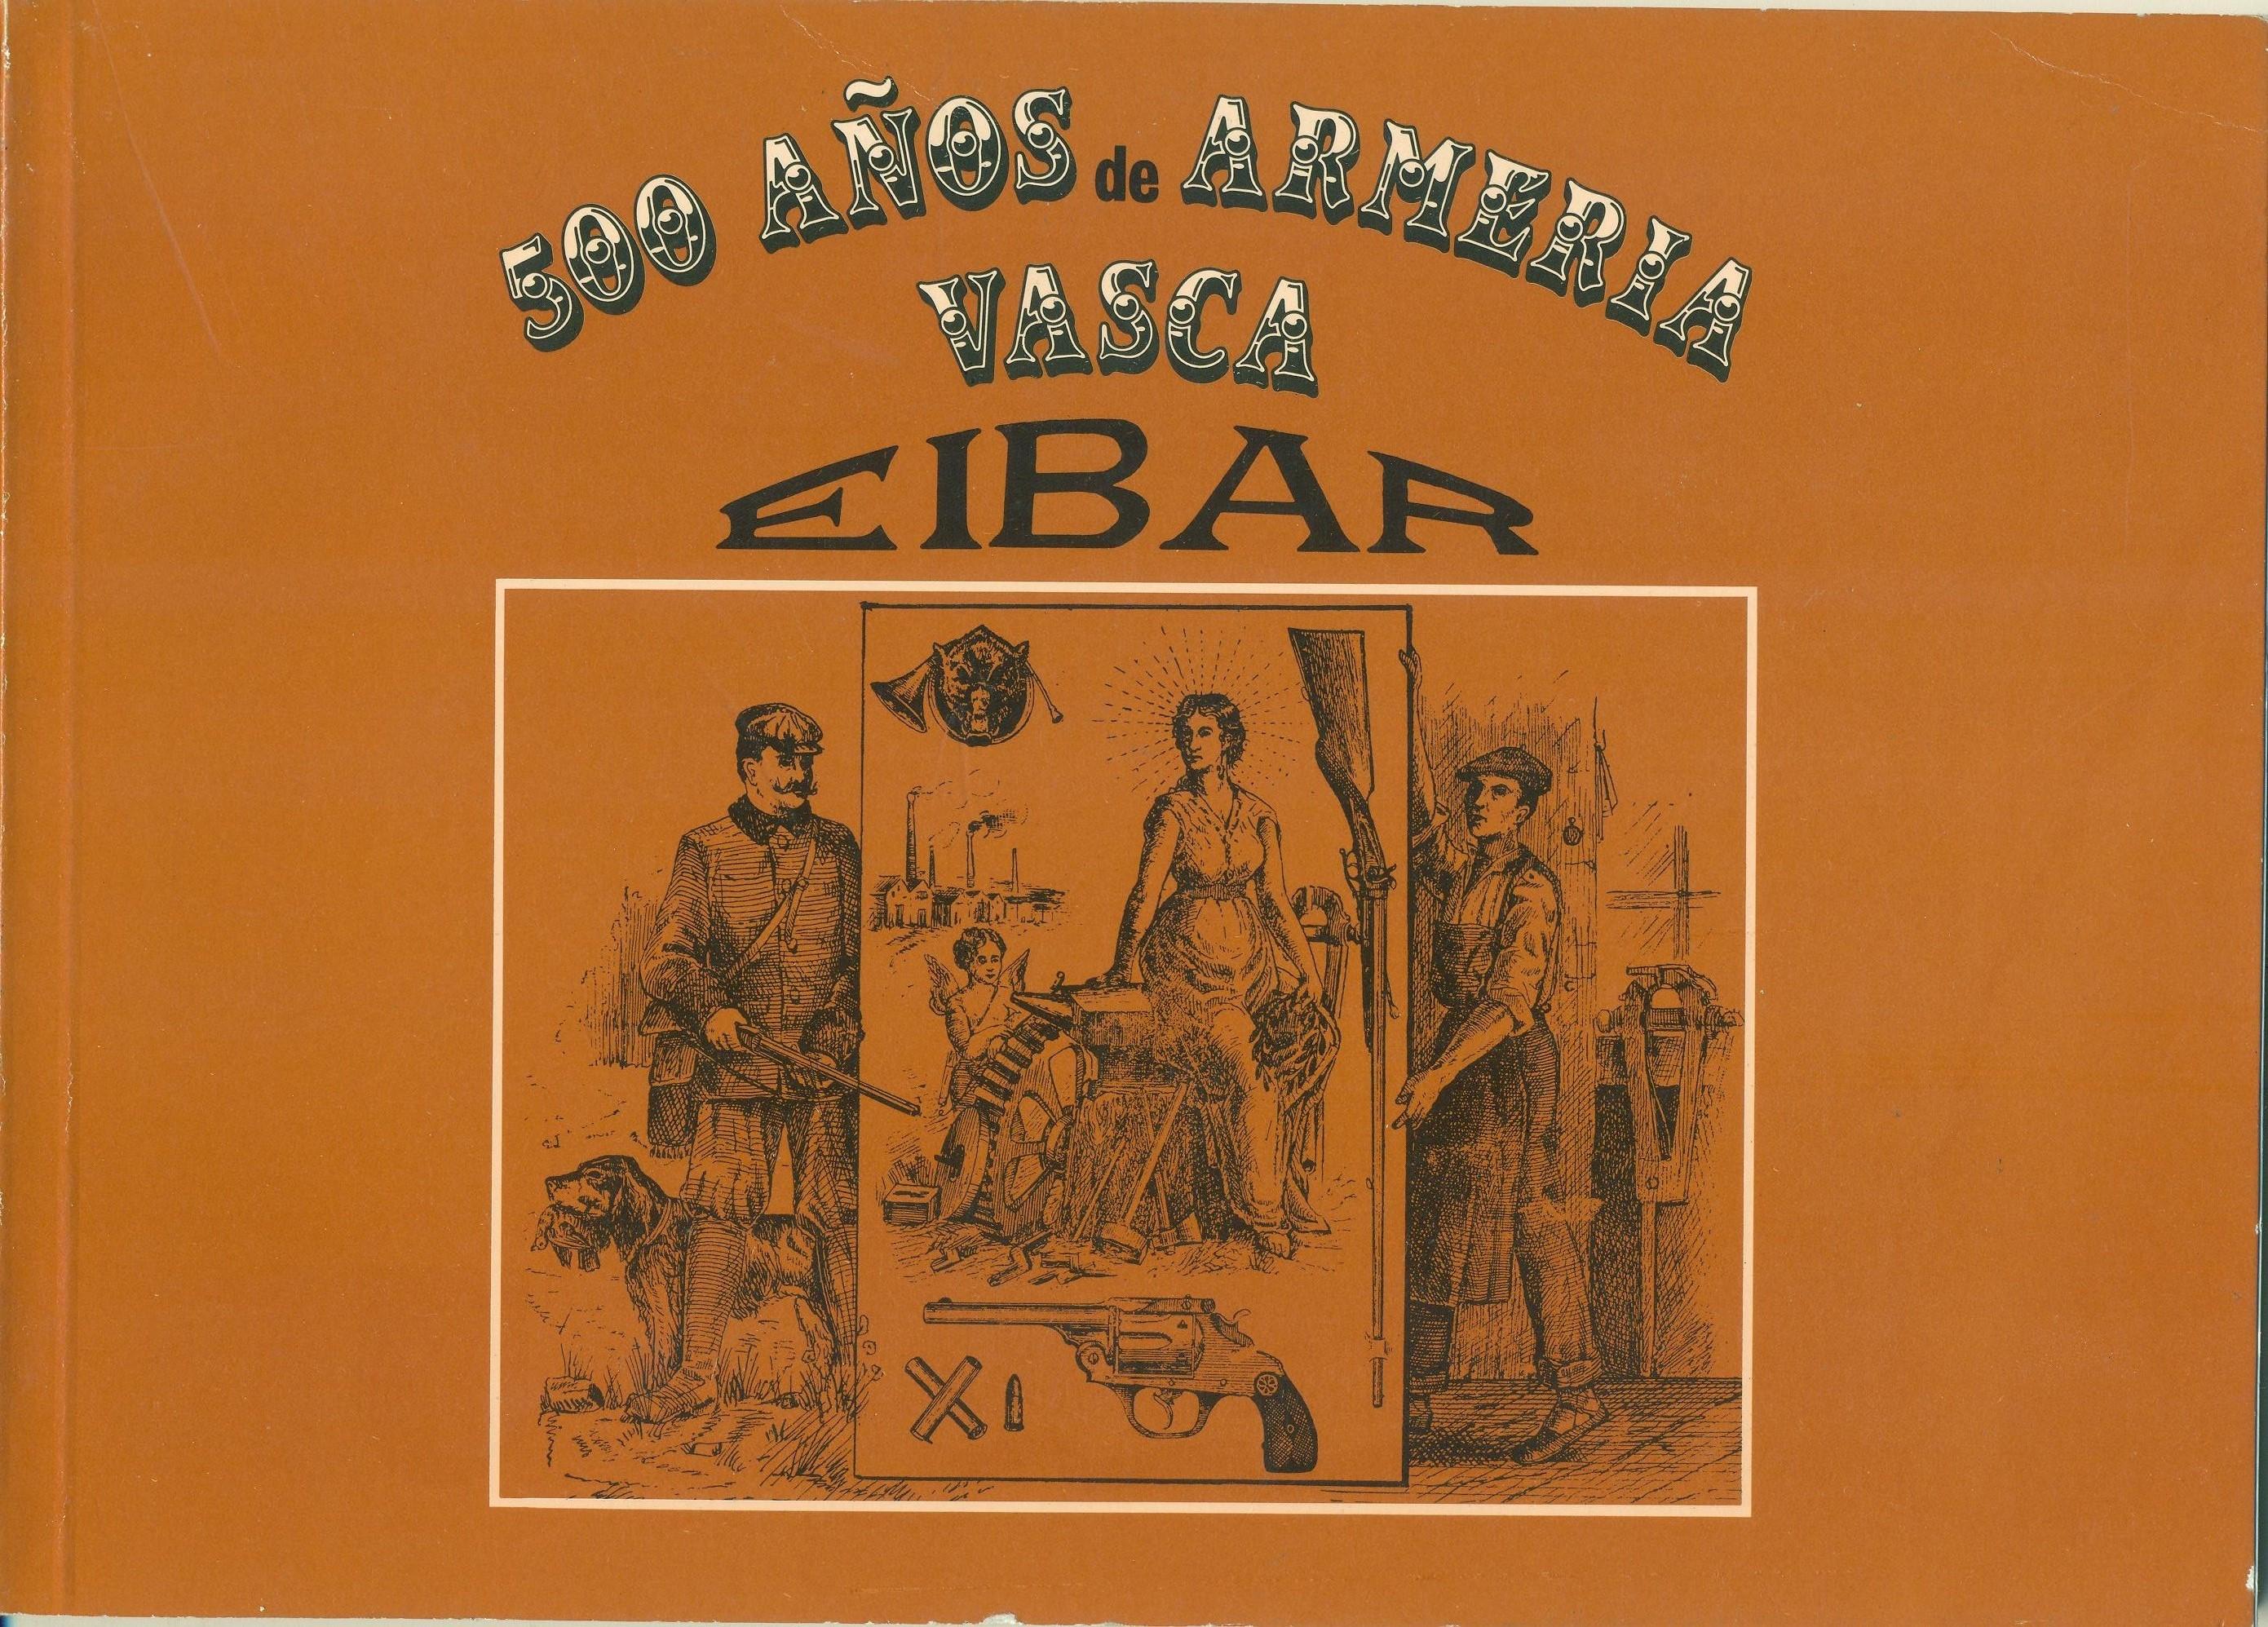 500 AÑOS DE ARMERÍA VASCA (EIBAR)